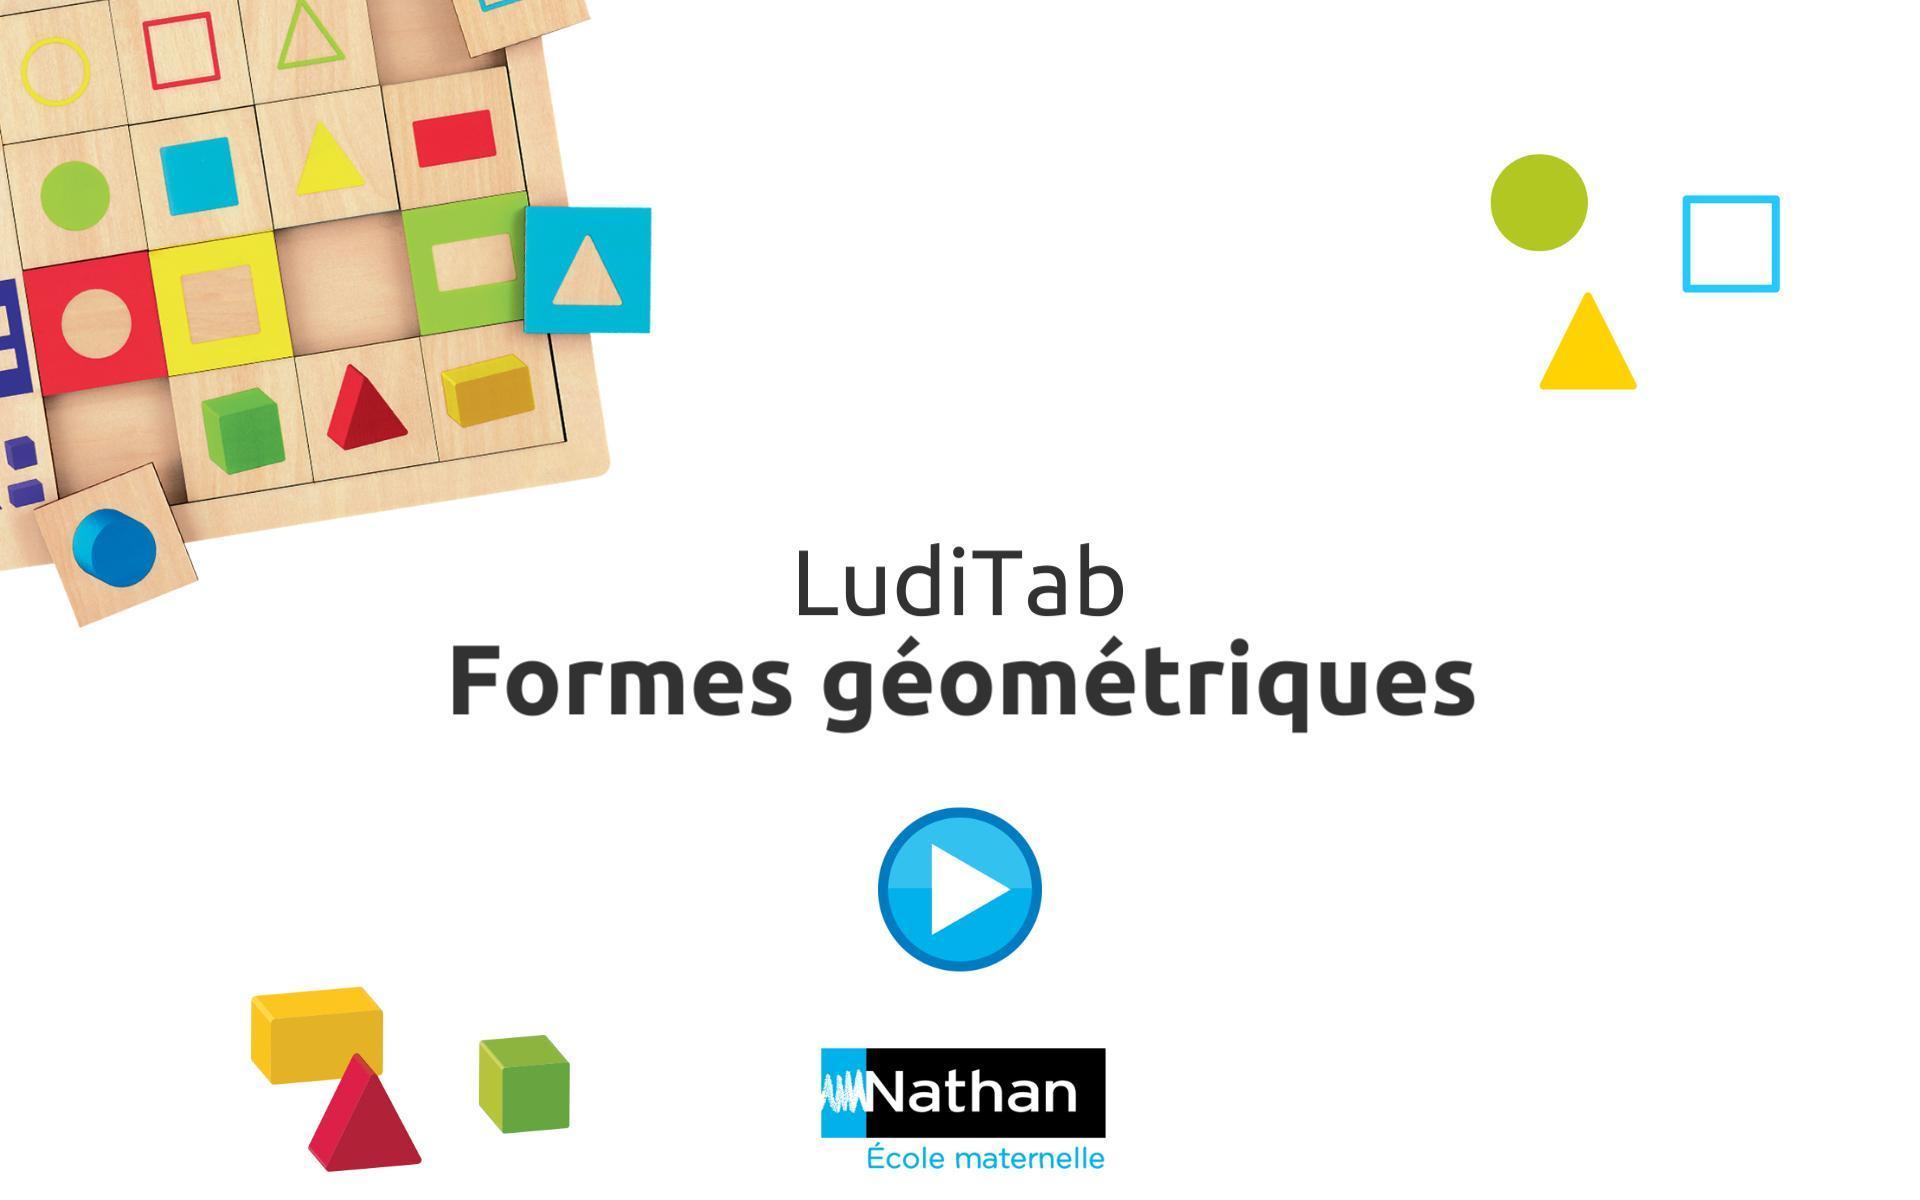 Android Için Luditab Formes Géométriques - Apk'yı İndir serapportantà Les Formes Geometrique